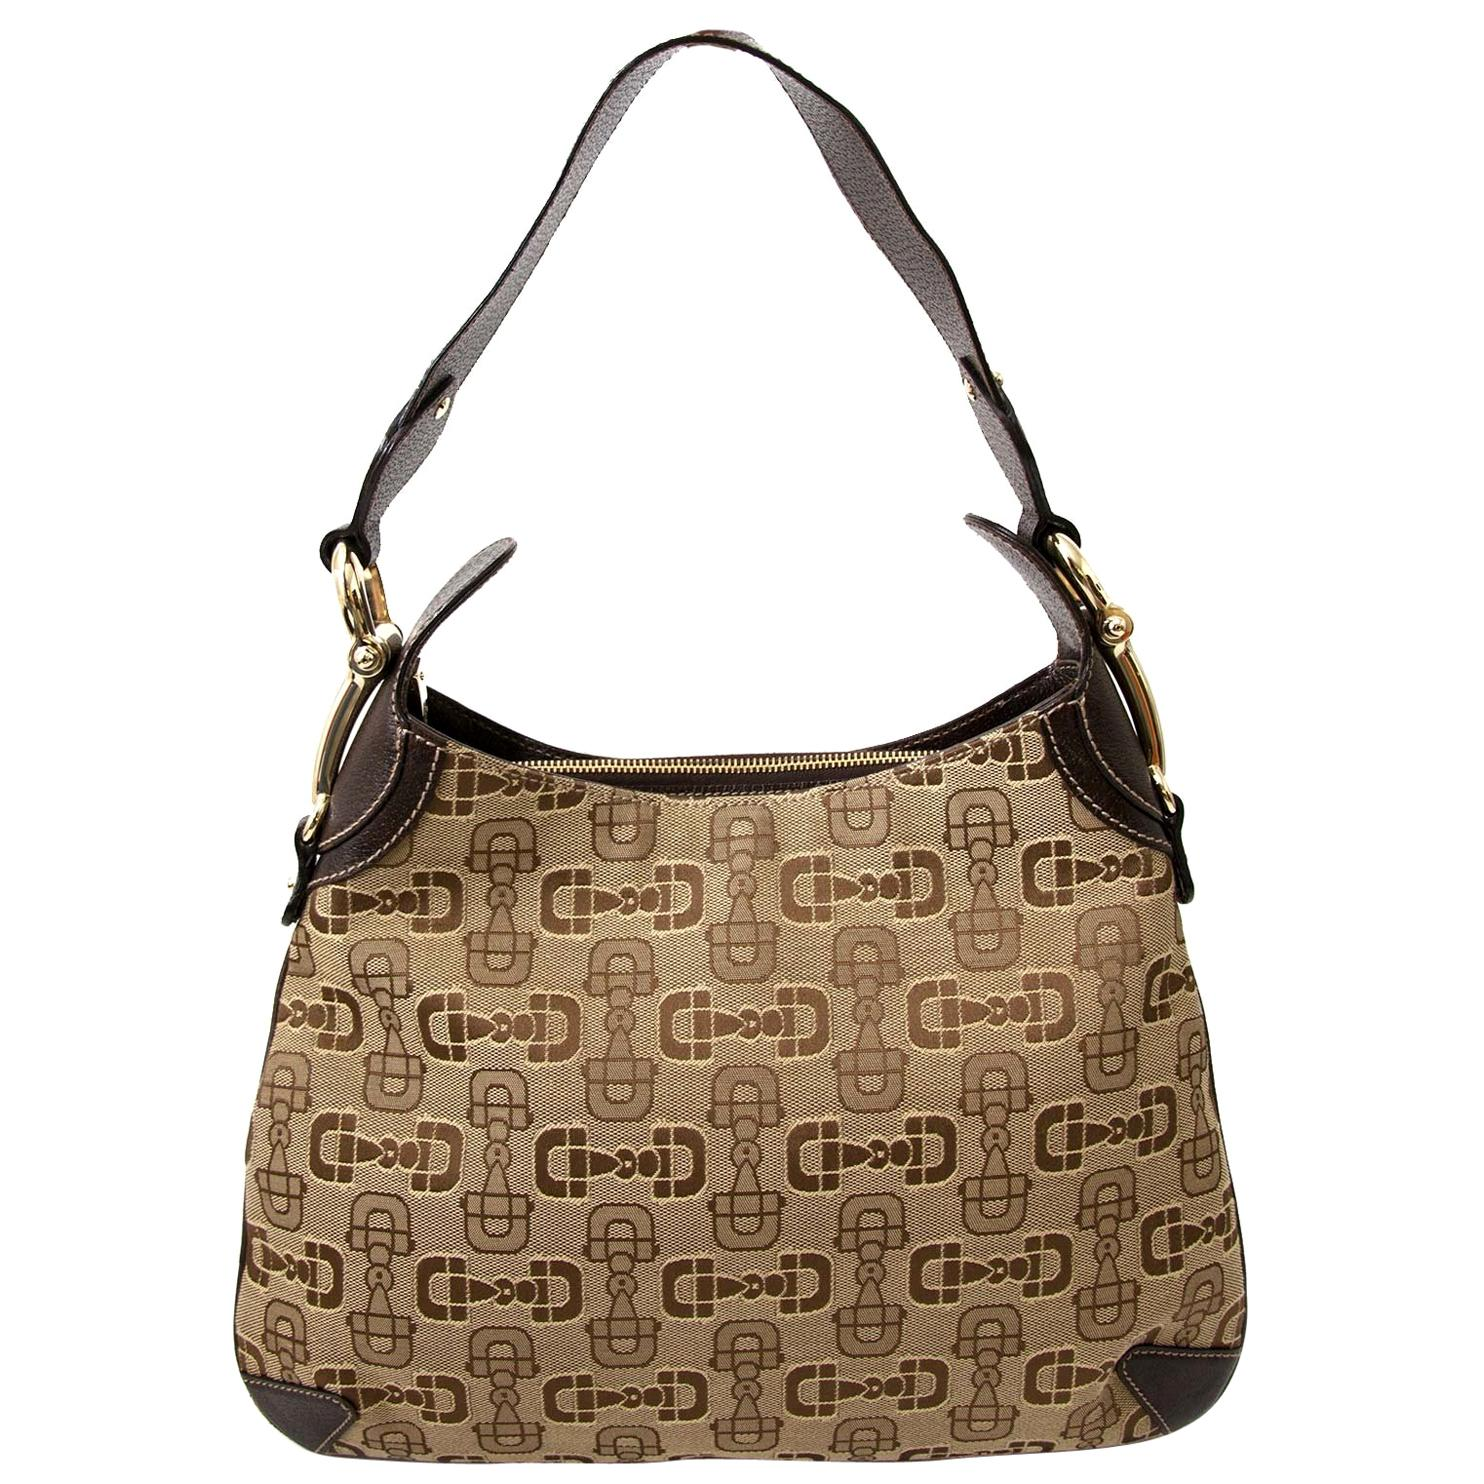 Gucci Horsebit Print Bag